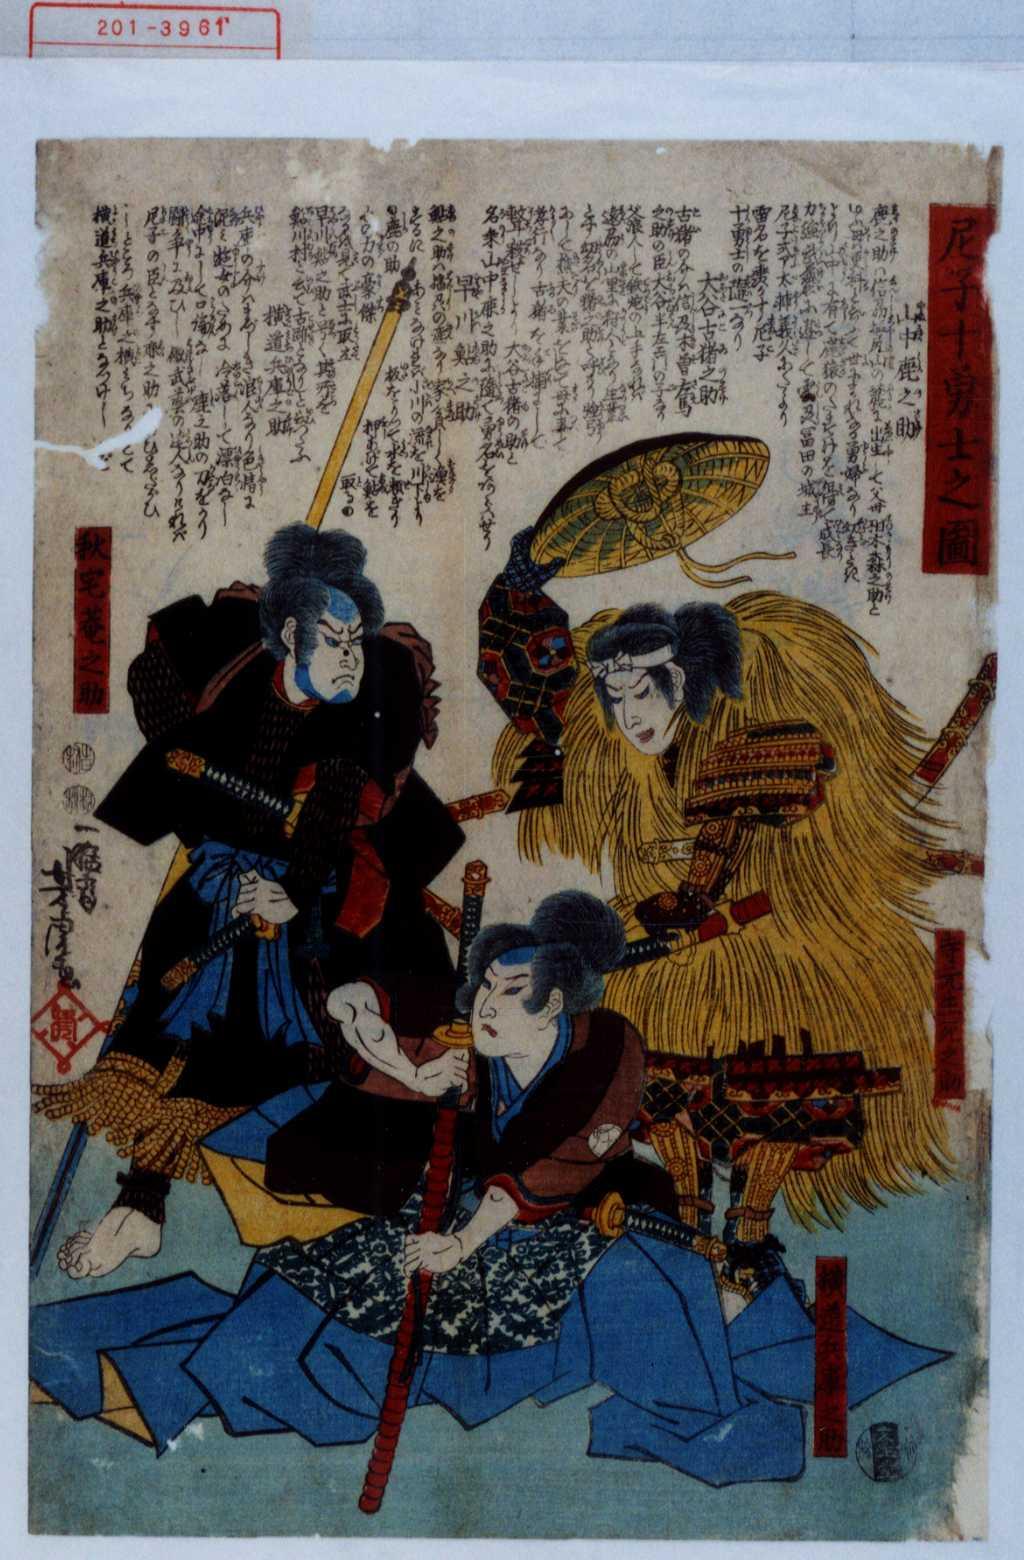 尼子十勇士の画像 p1_35